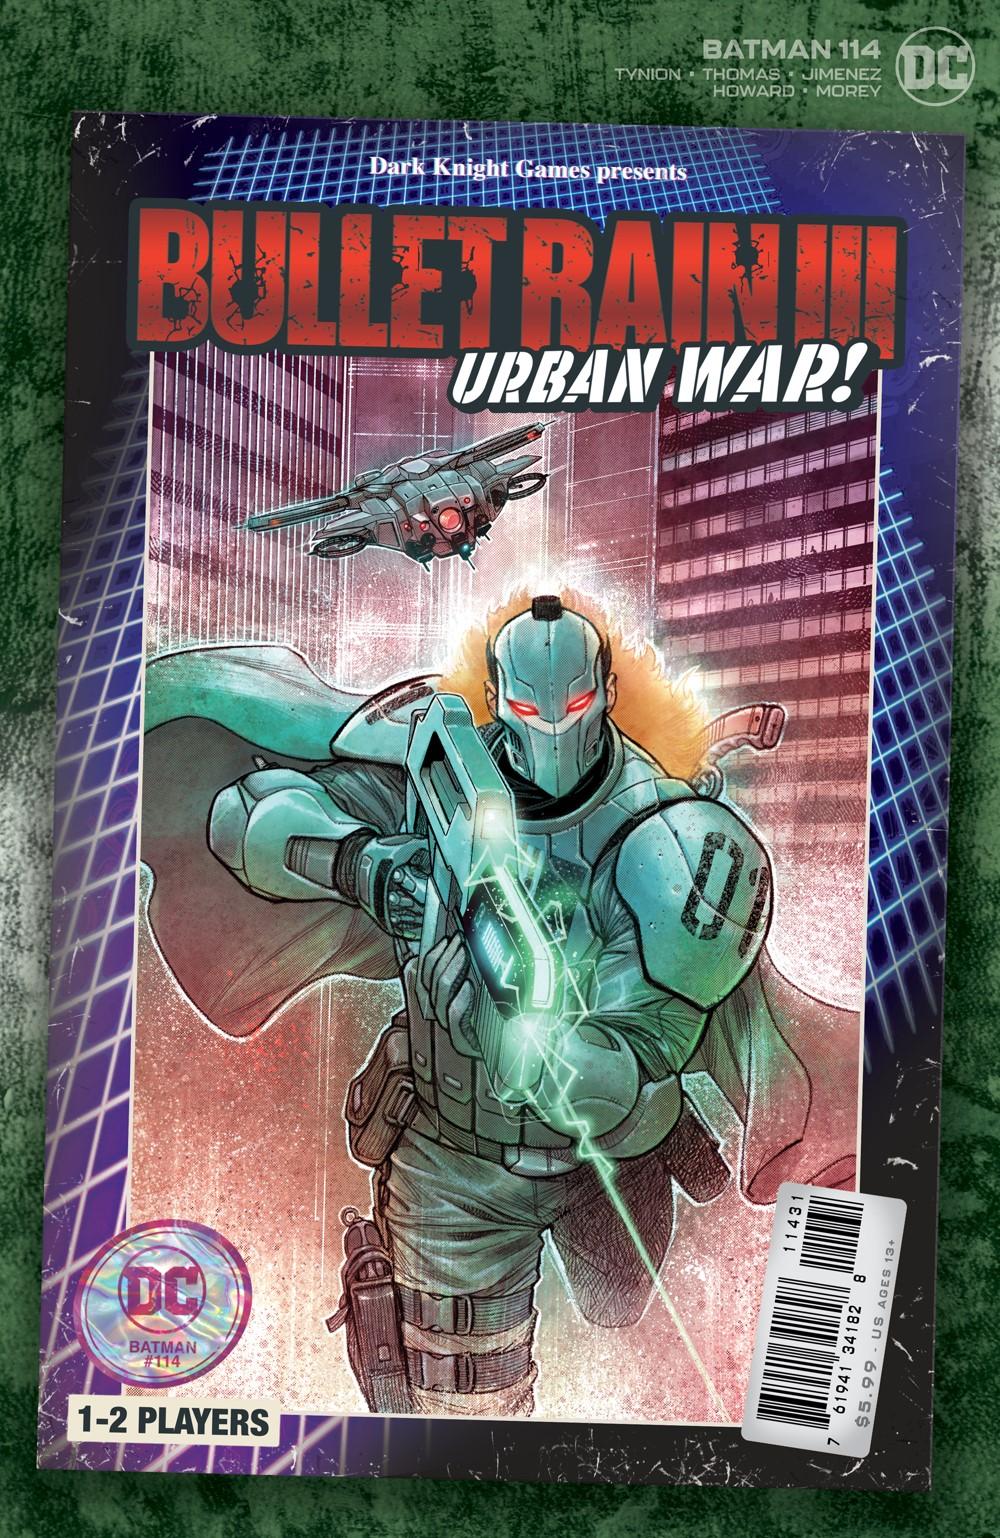 BM_Cv114_1in25_var_11431 DC Comics October 2021 Solicitations